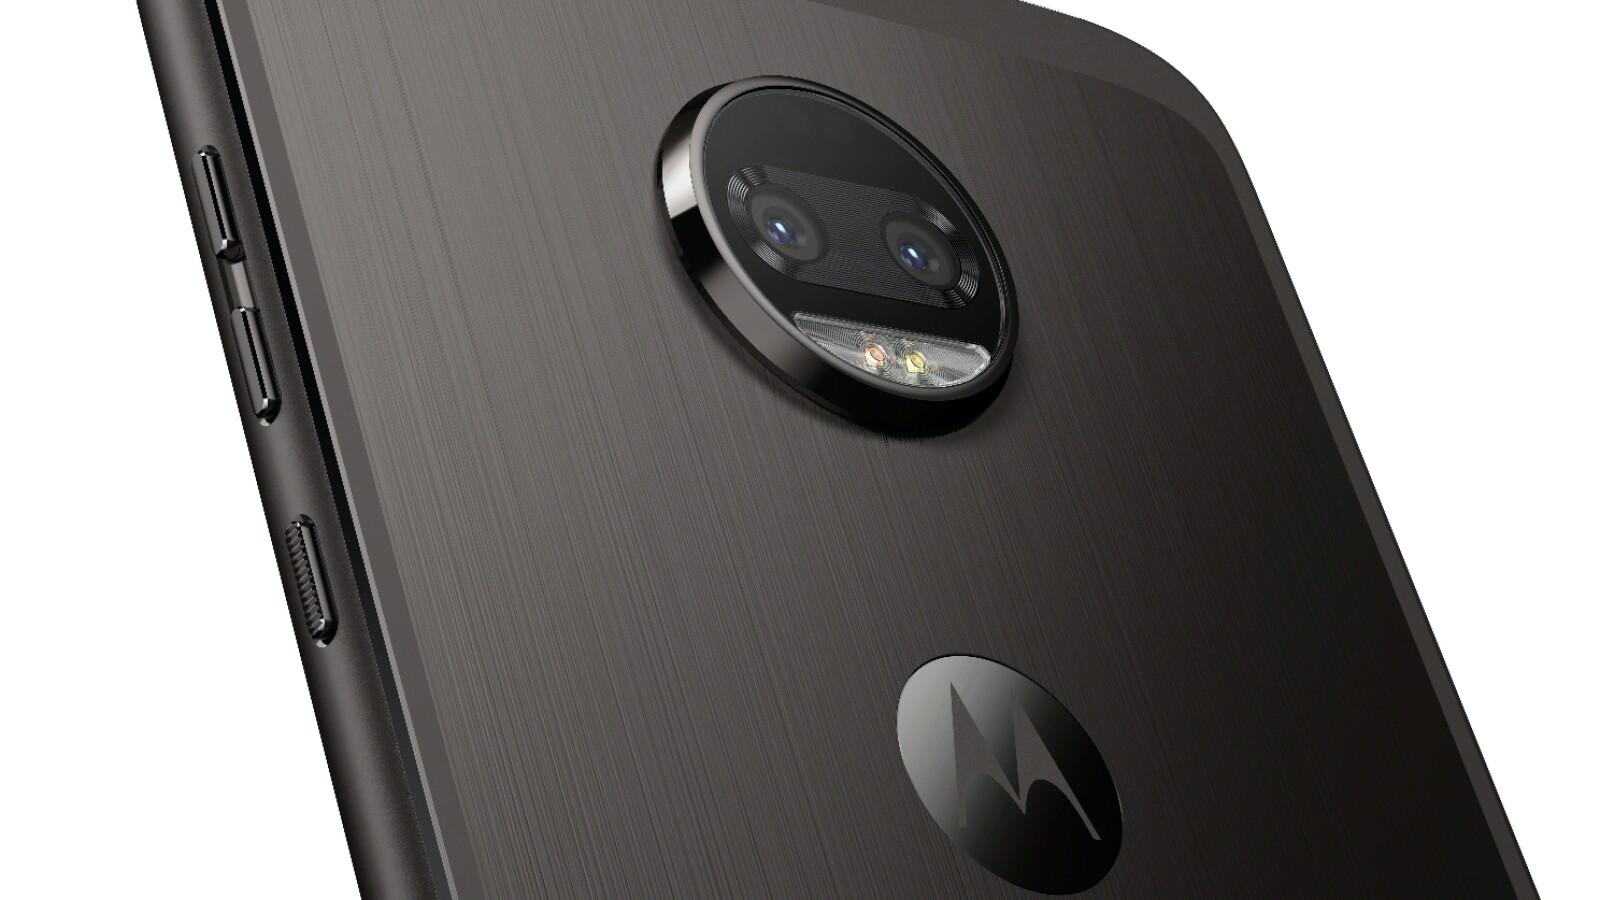 Moto Z2 Force: Bei diesem Smartphone geht das Display ...